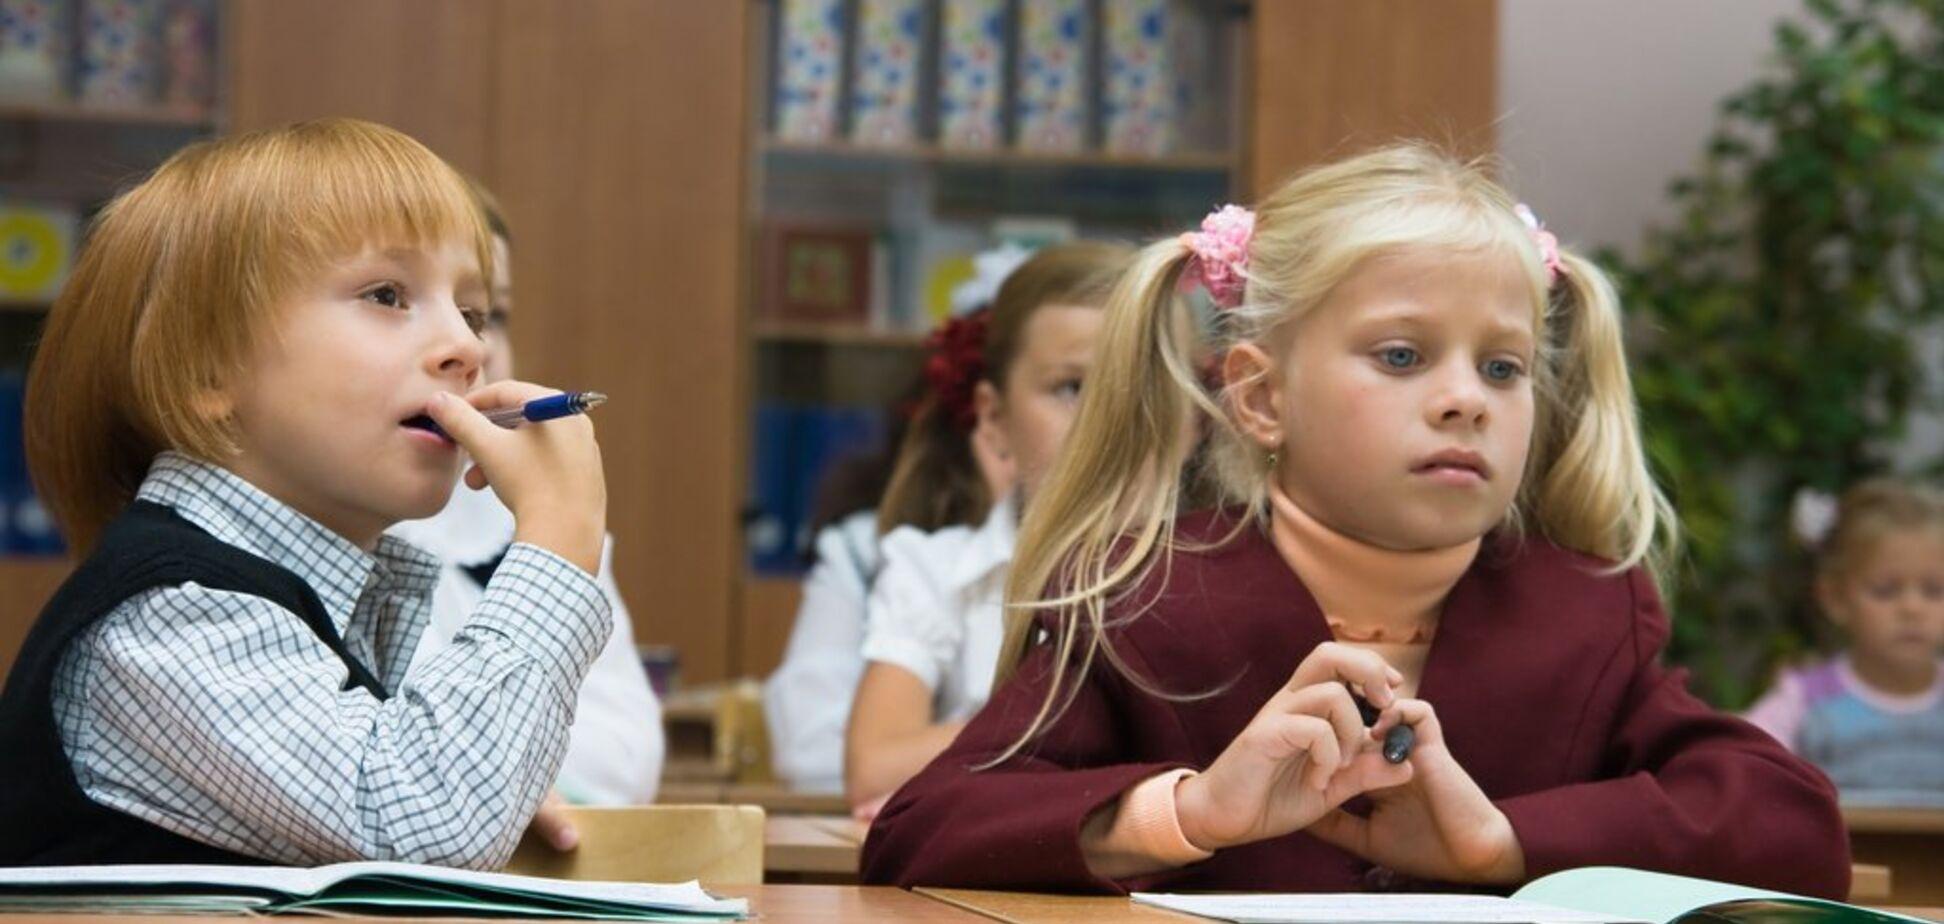 Украинские фильмы будут показывать в школах: в чем суть